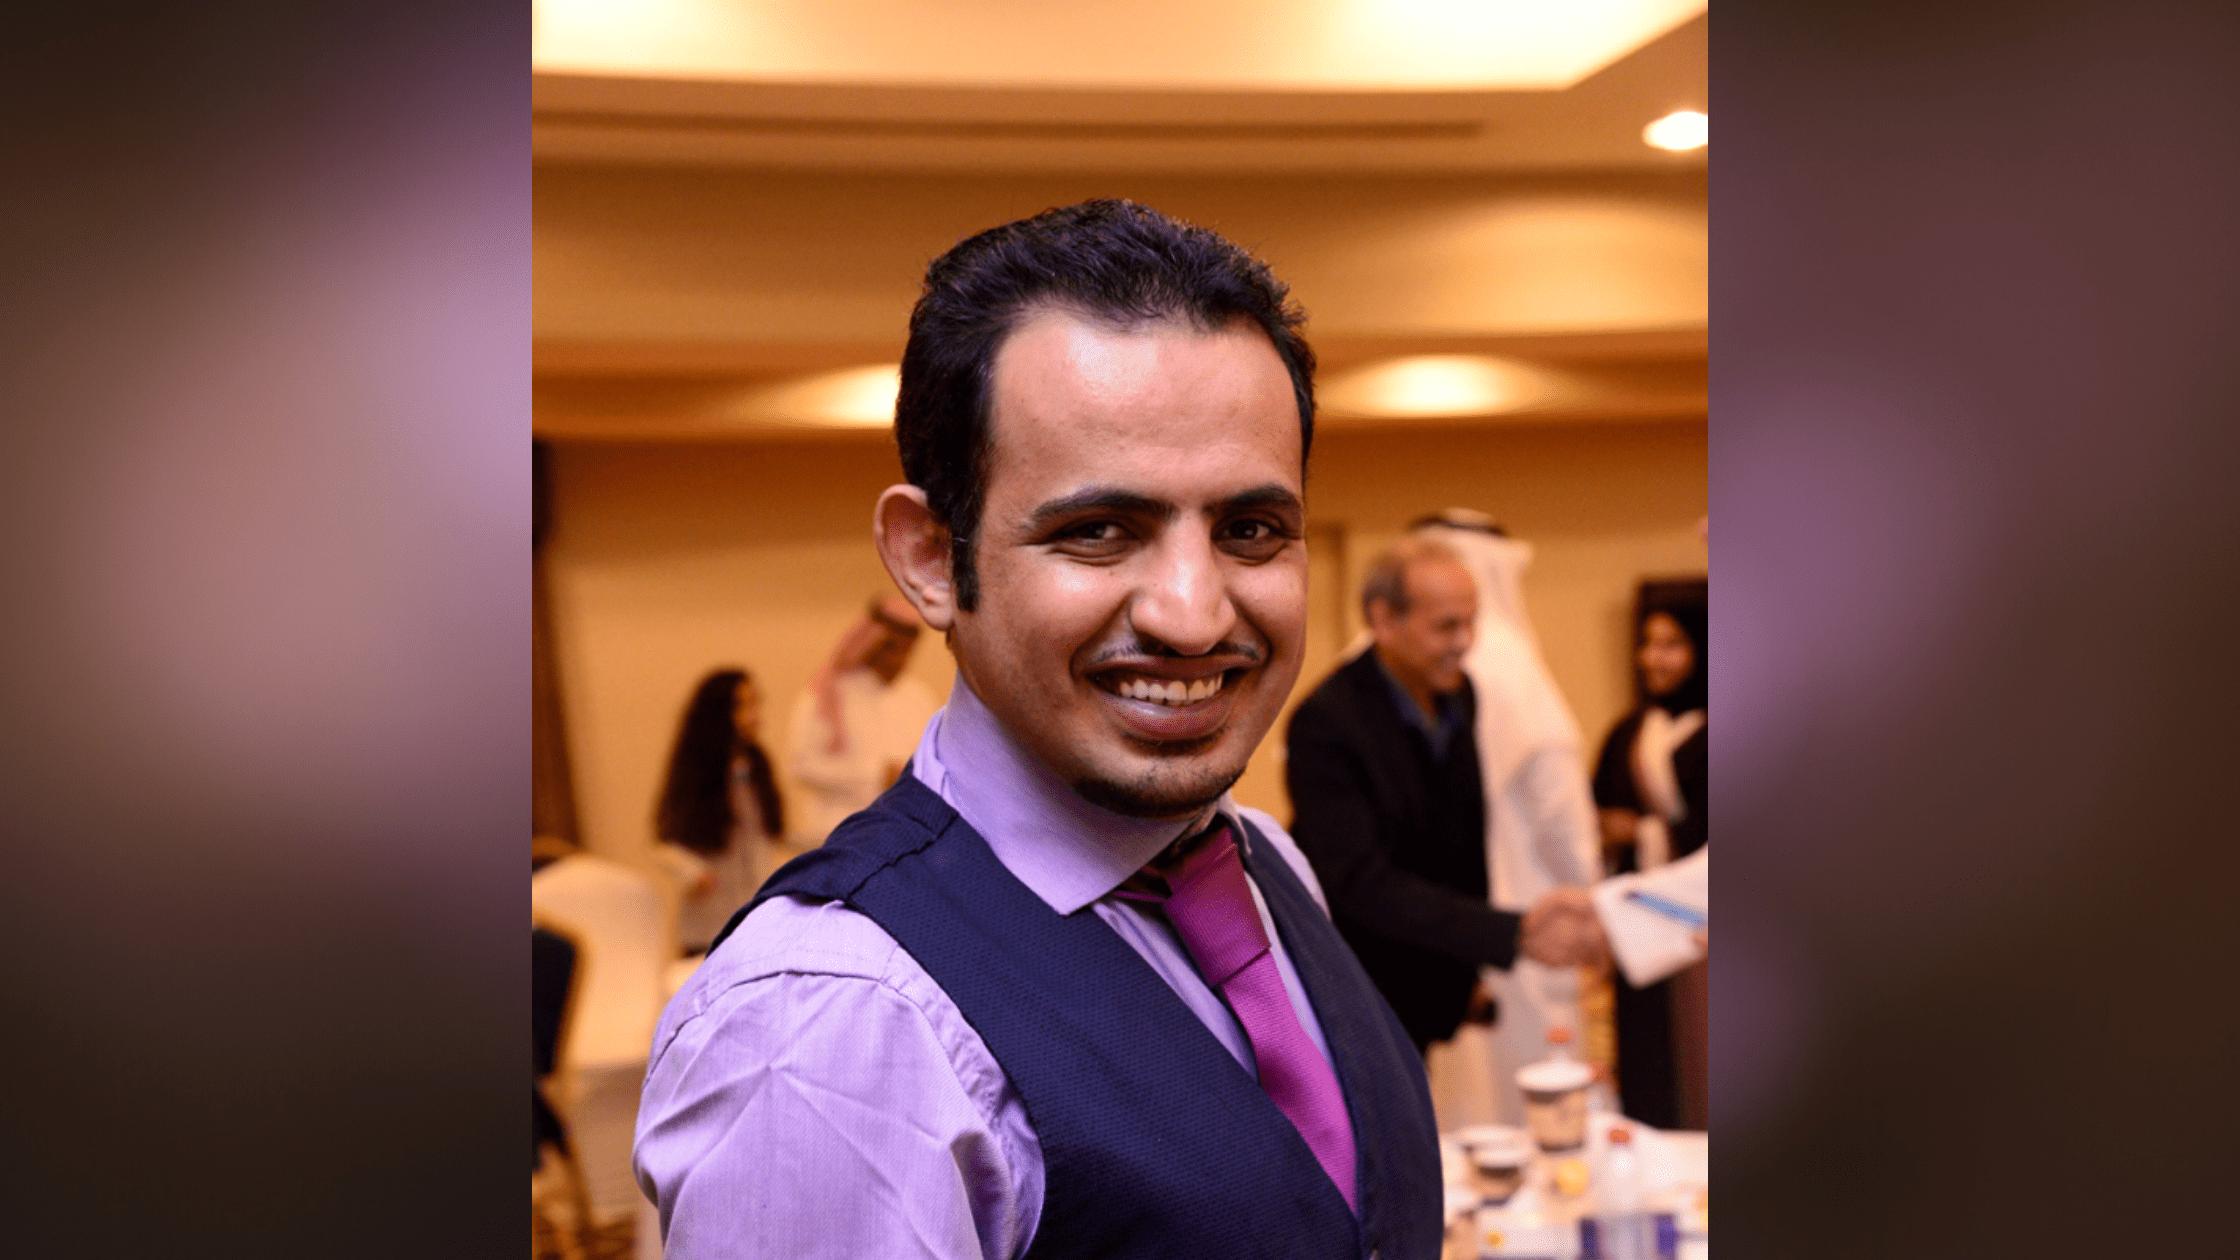 Mohammed Qahtani